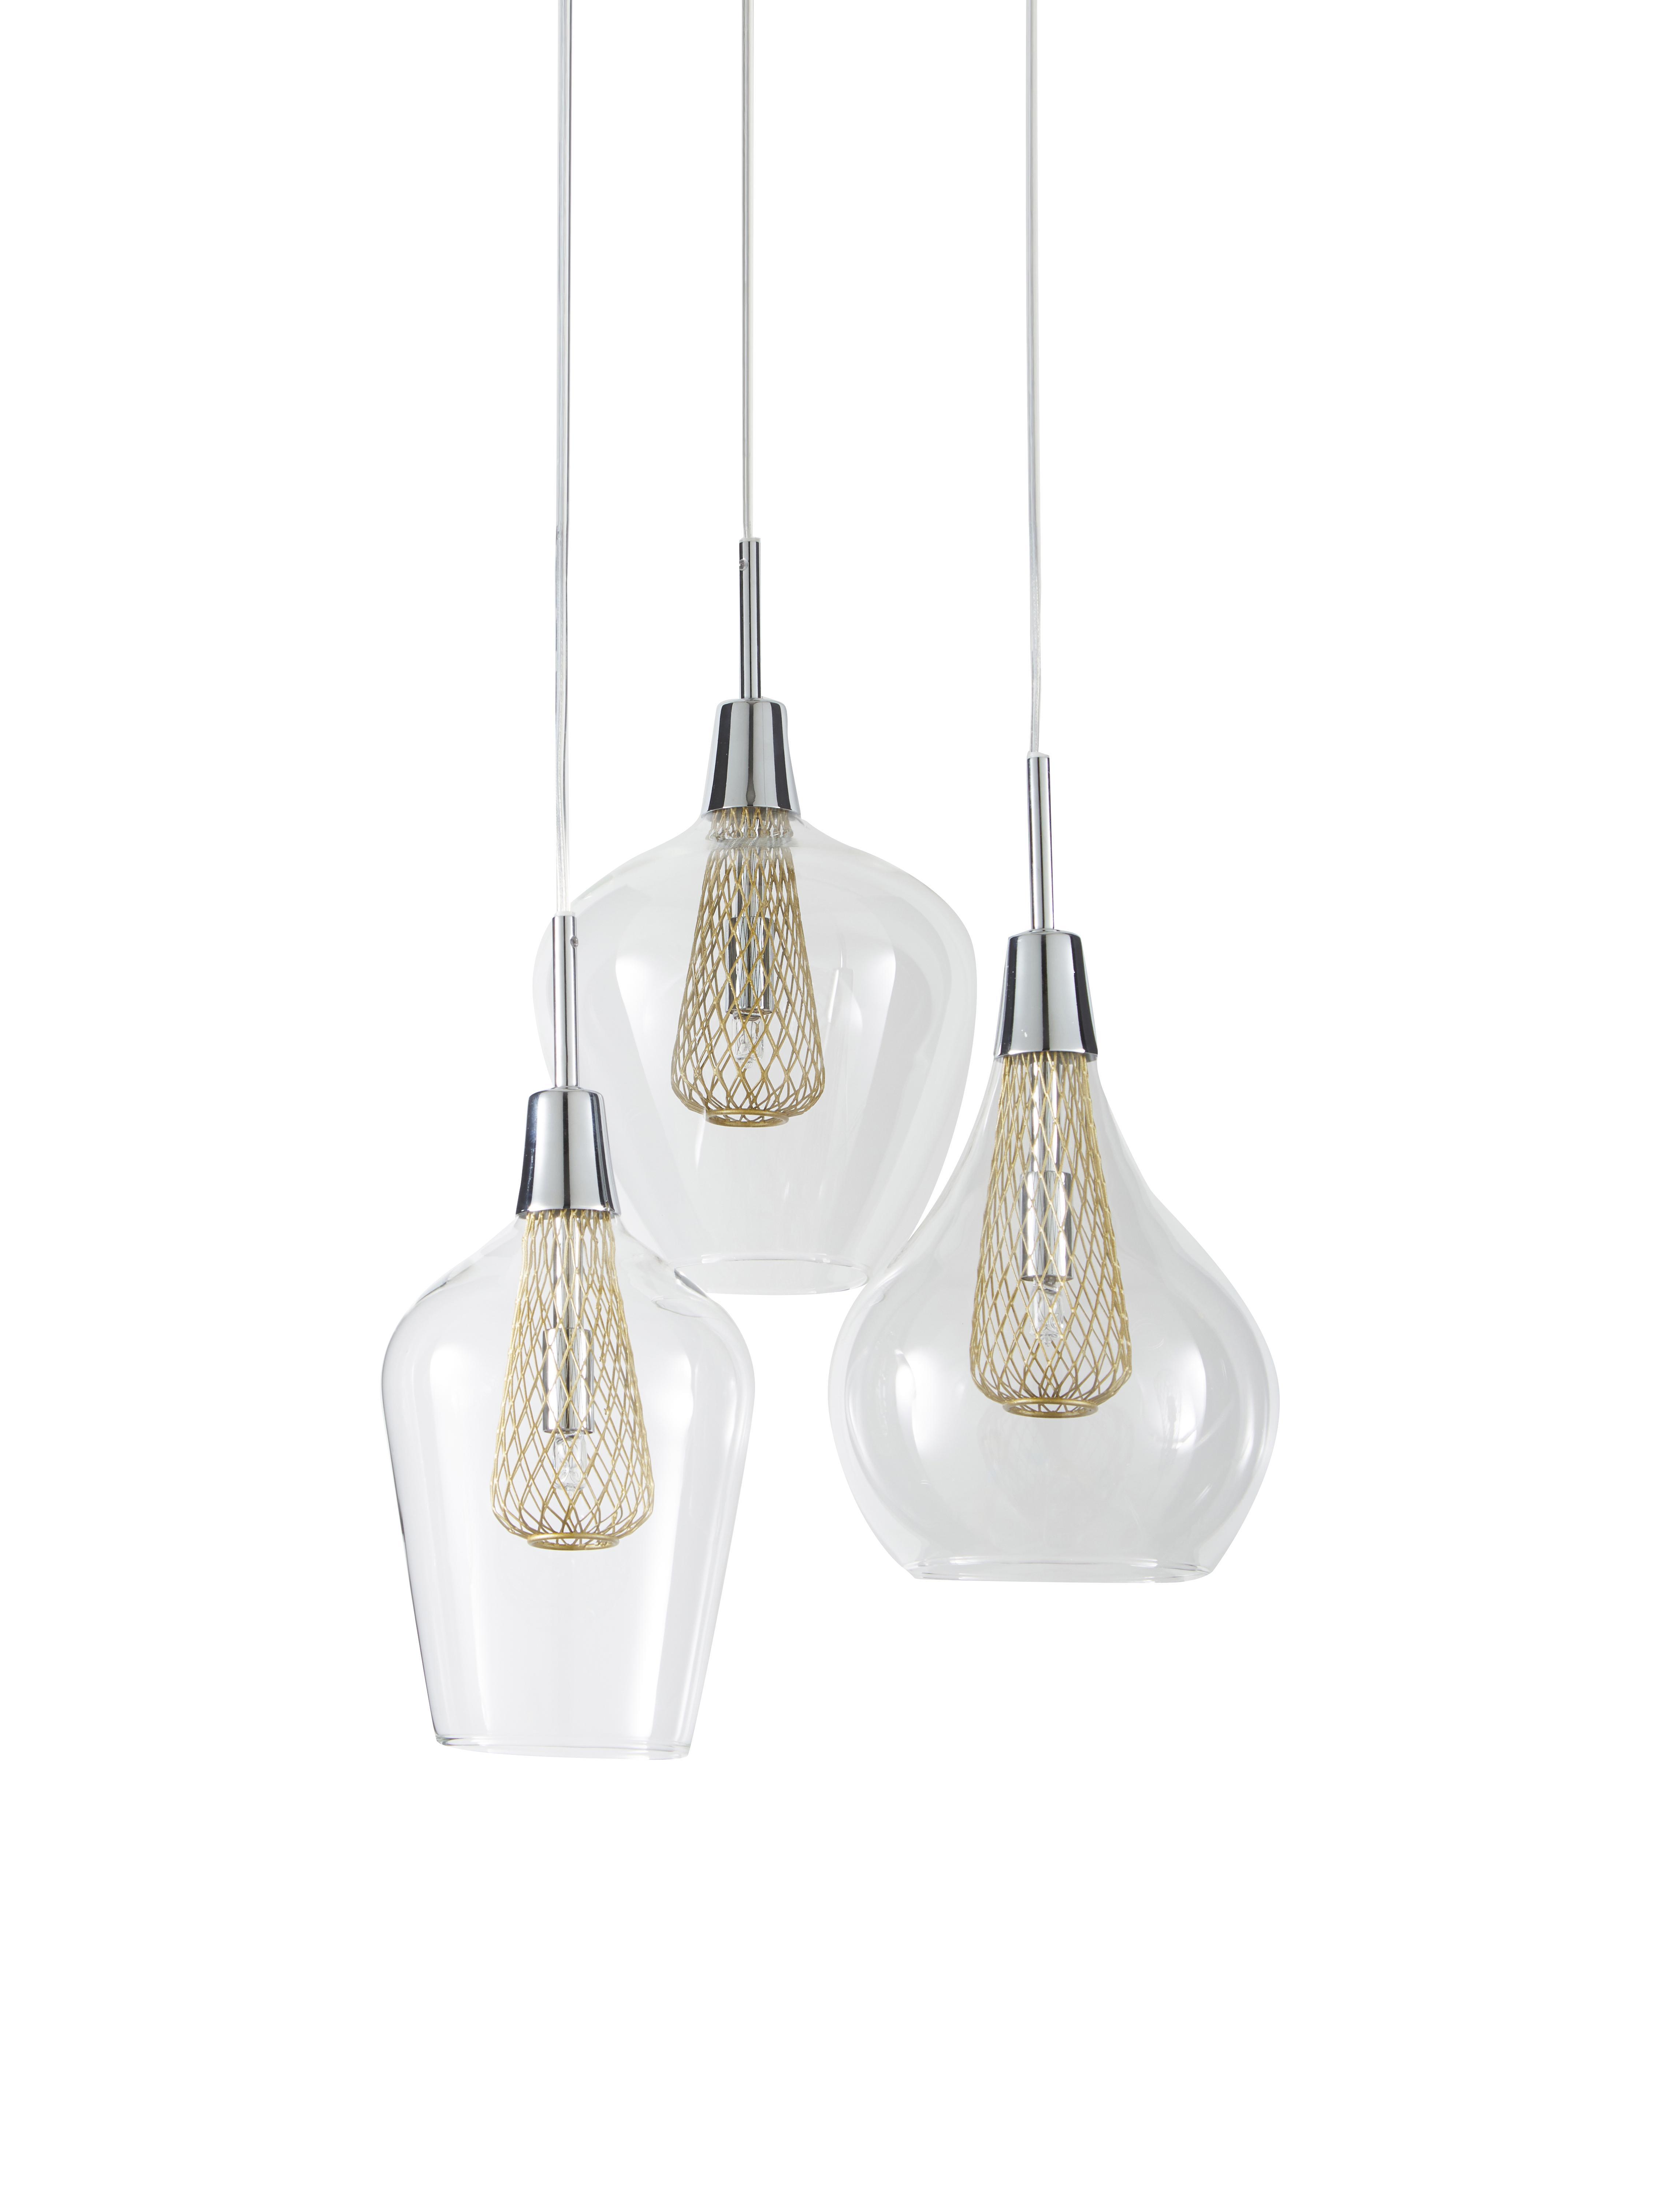 Lampa wisząca Filo, Transparentny, odcienie mosiądzu, Ø 36 x W 120 cm